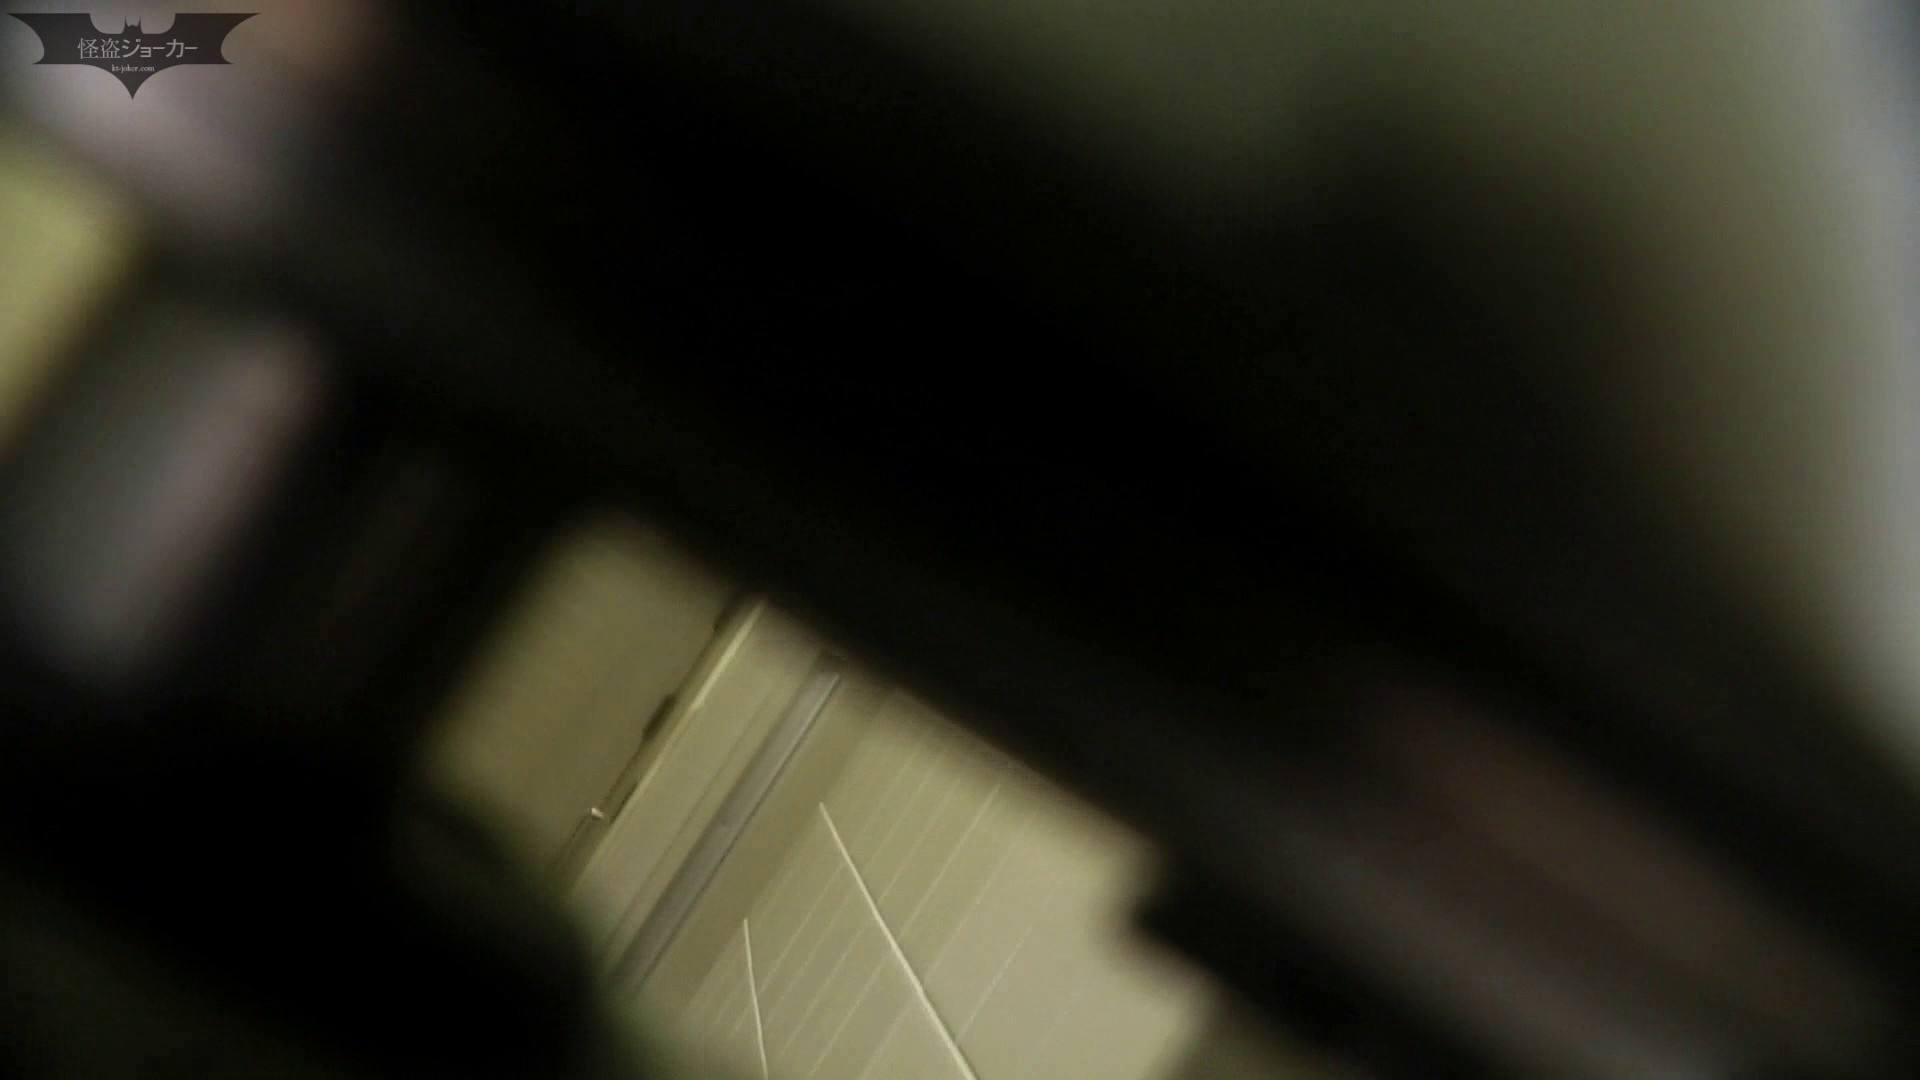 お銀さんの「洗面所突入レポート!!」 vol.54 エロすぎる捻り? お姉さん攻略 エロ画像 84画像 75